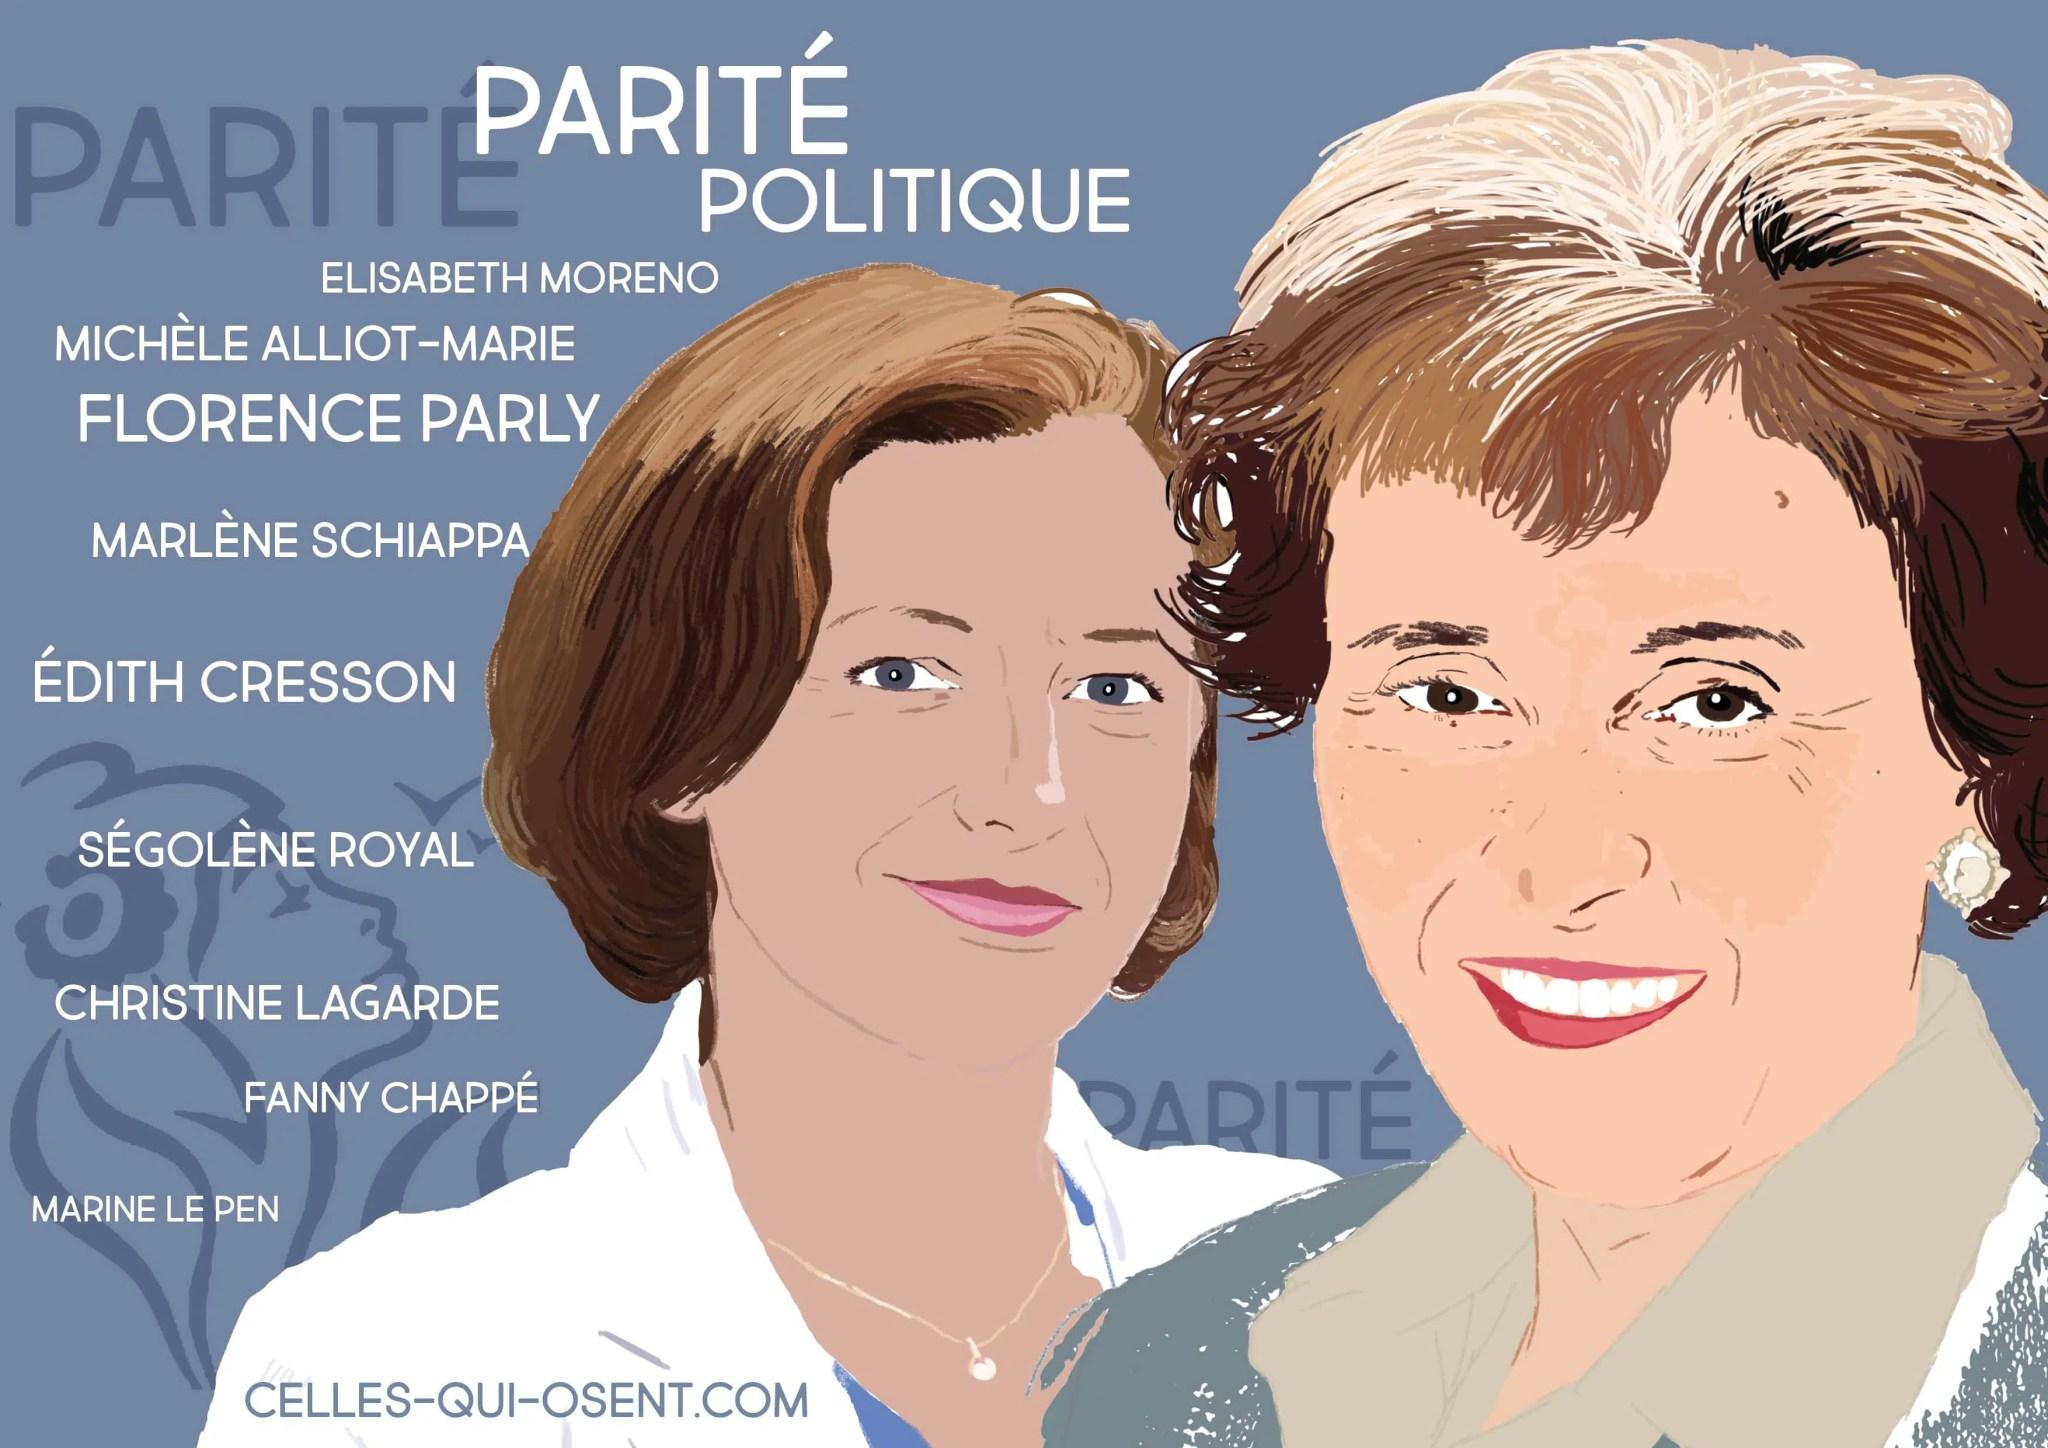 parite-politique-celles-qui-osent